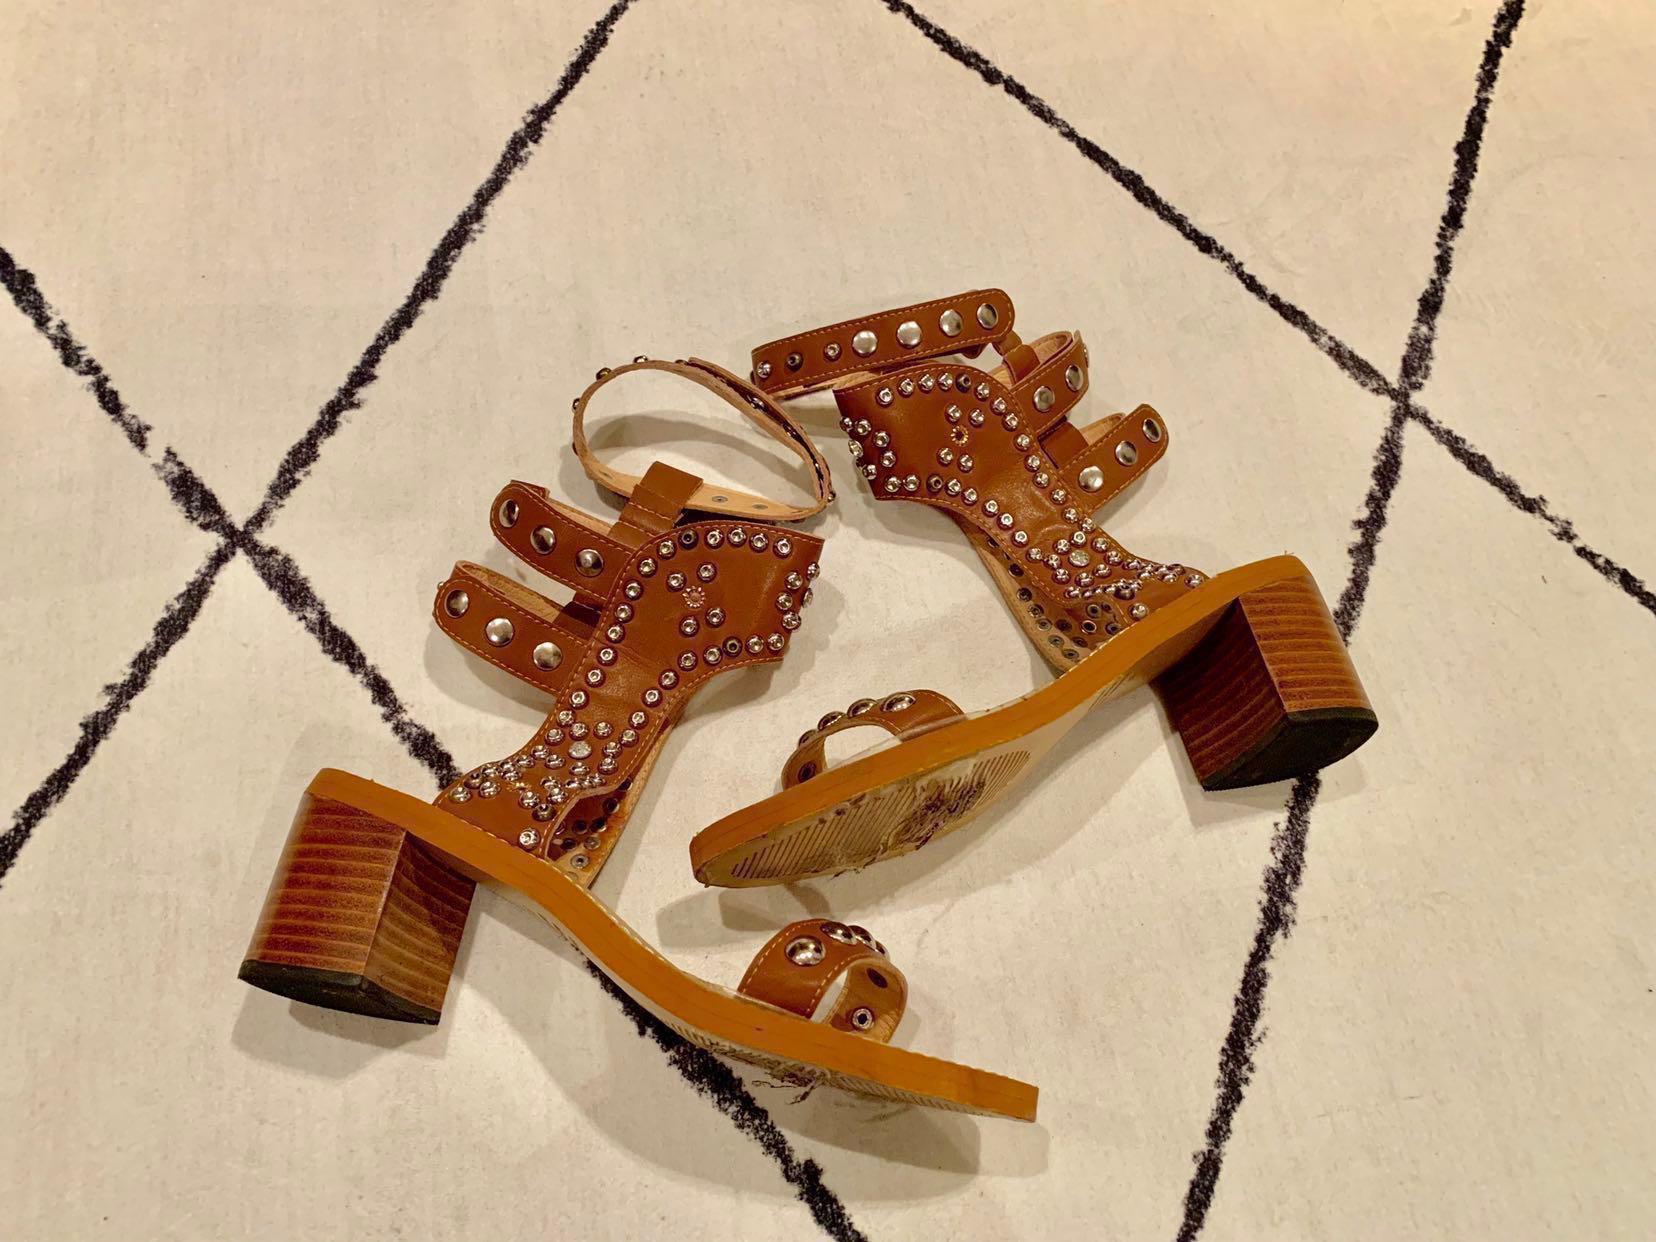 005dd418e56 Isabel Marant Carol studded sandals leather heels designer shoes ...